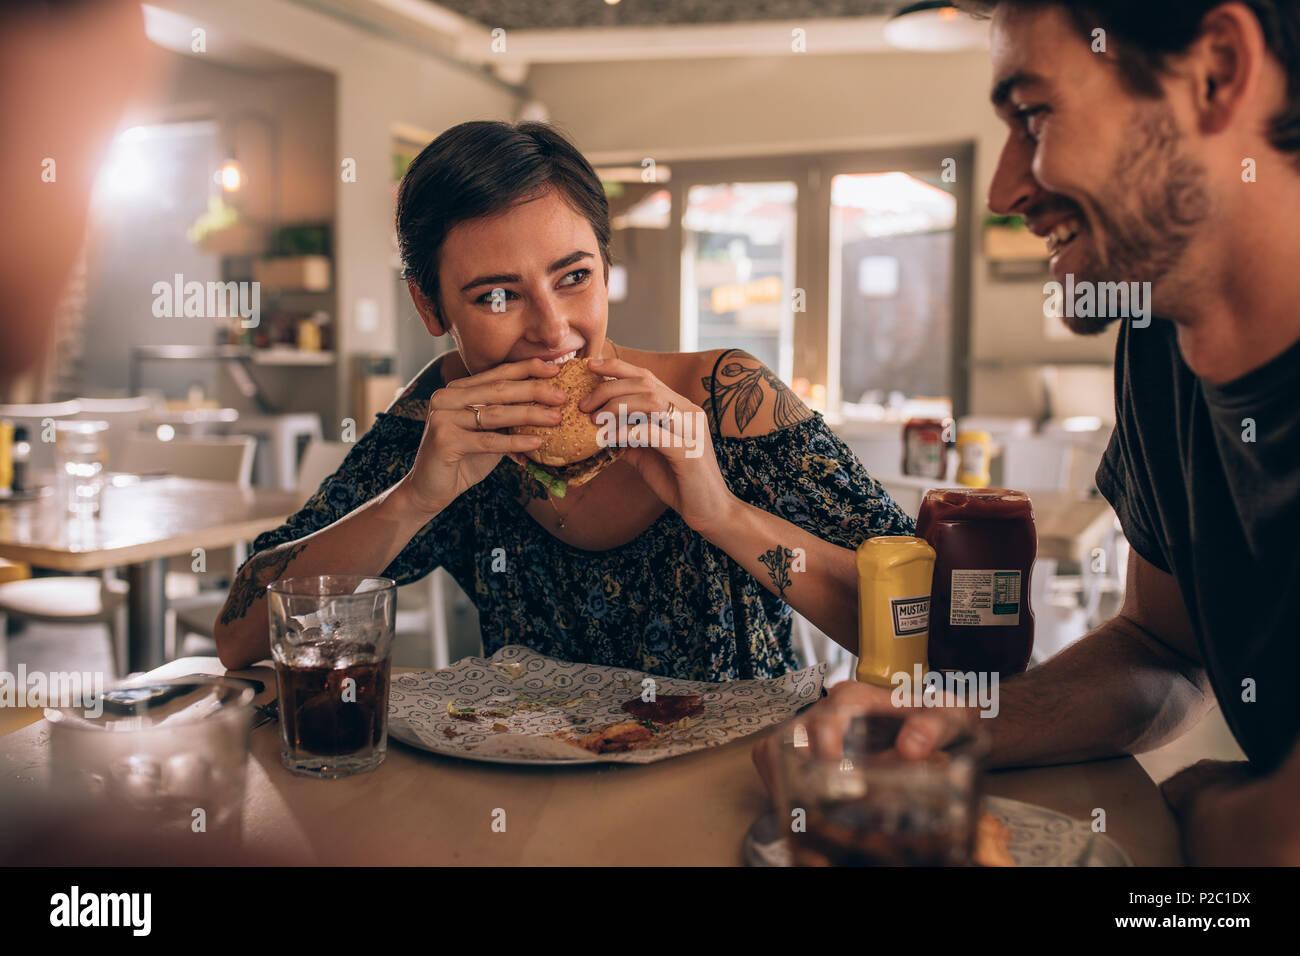 Junge Frau essen Burger beim Sitzen mit Freunden im Restaurant. Junge Leute plaudern und Burger essen im Cafe. Stockbild